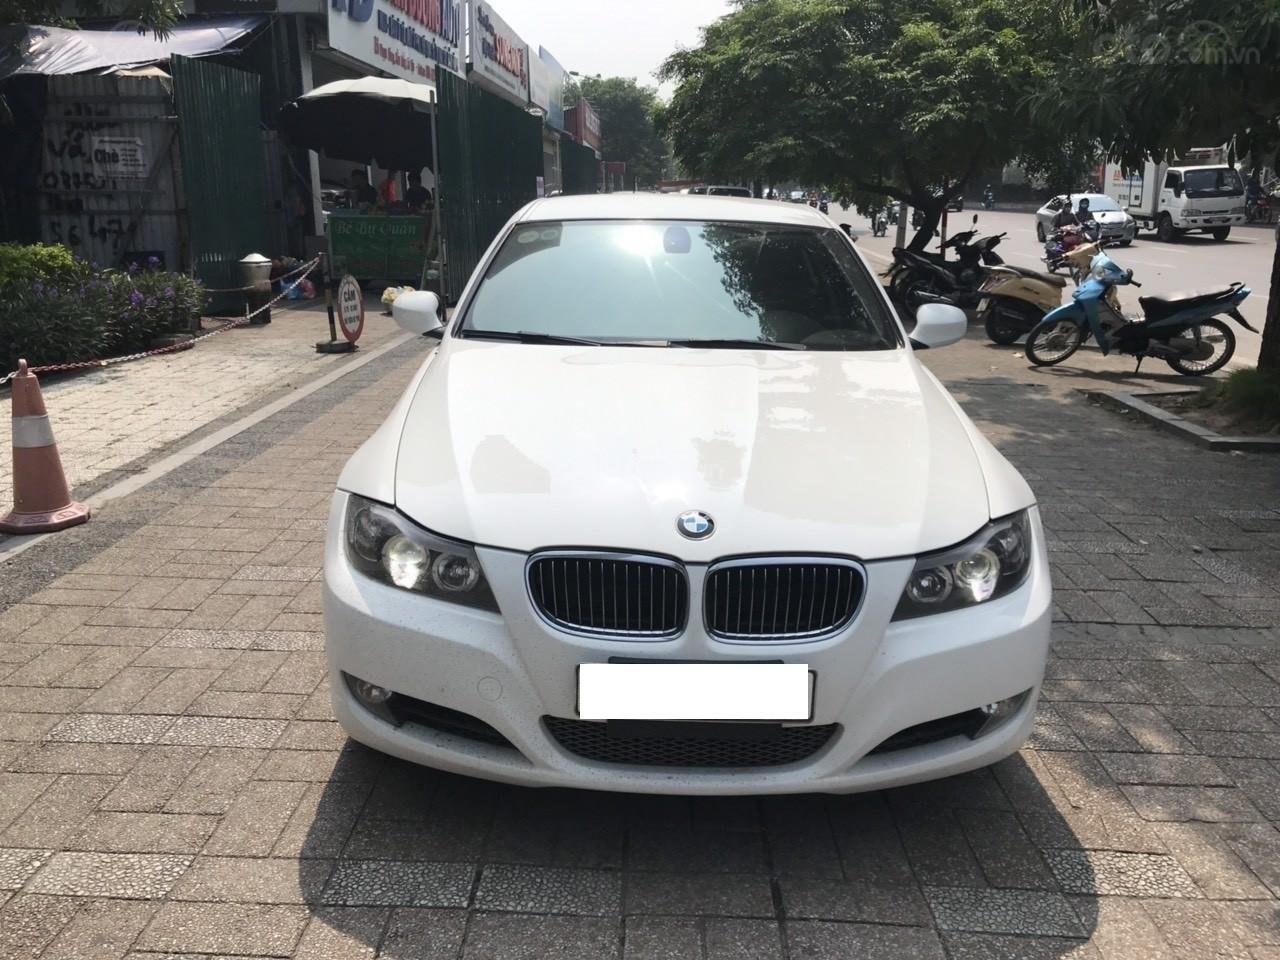 Bán xe BMW 325i sản xuất năm 2010, màu trắng, nhập khẩu (1)